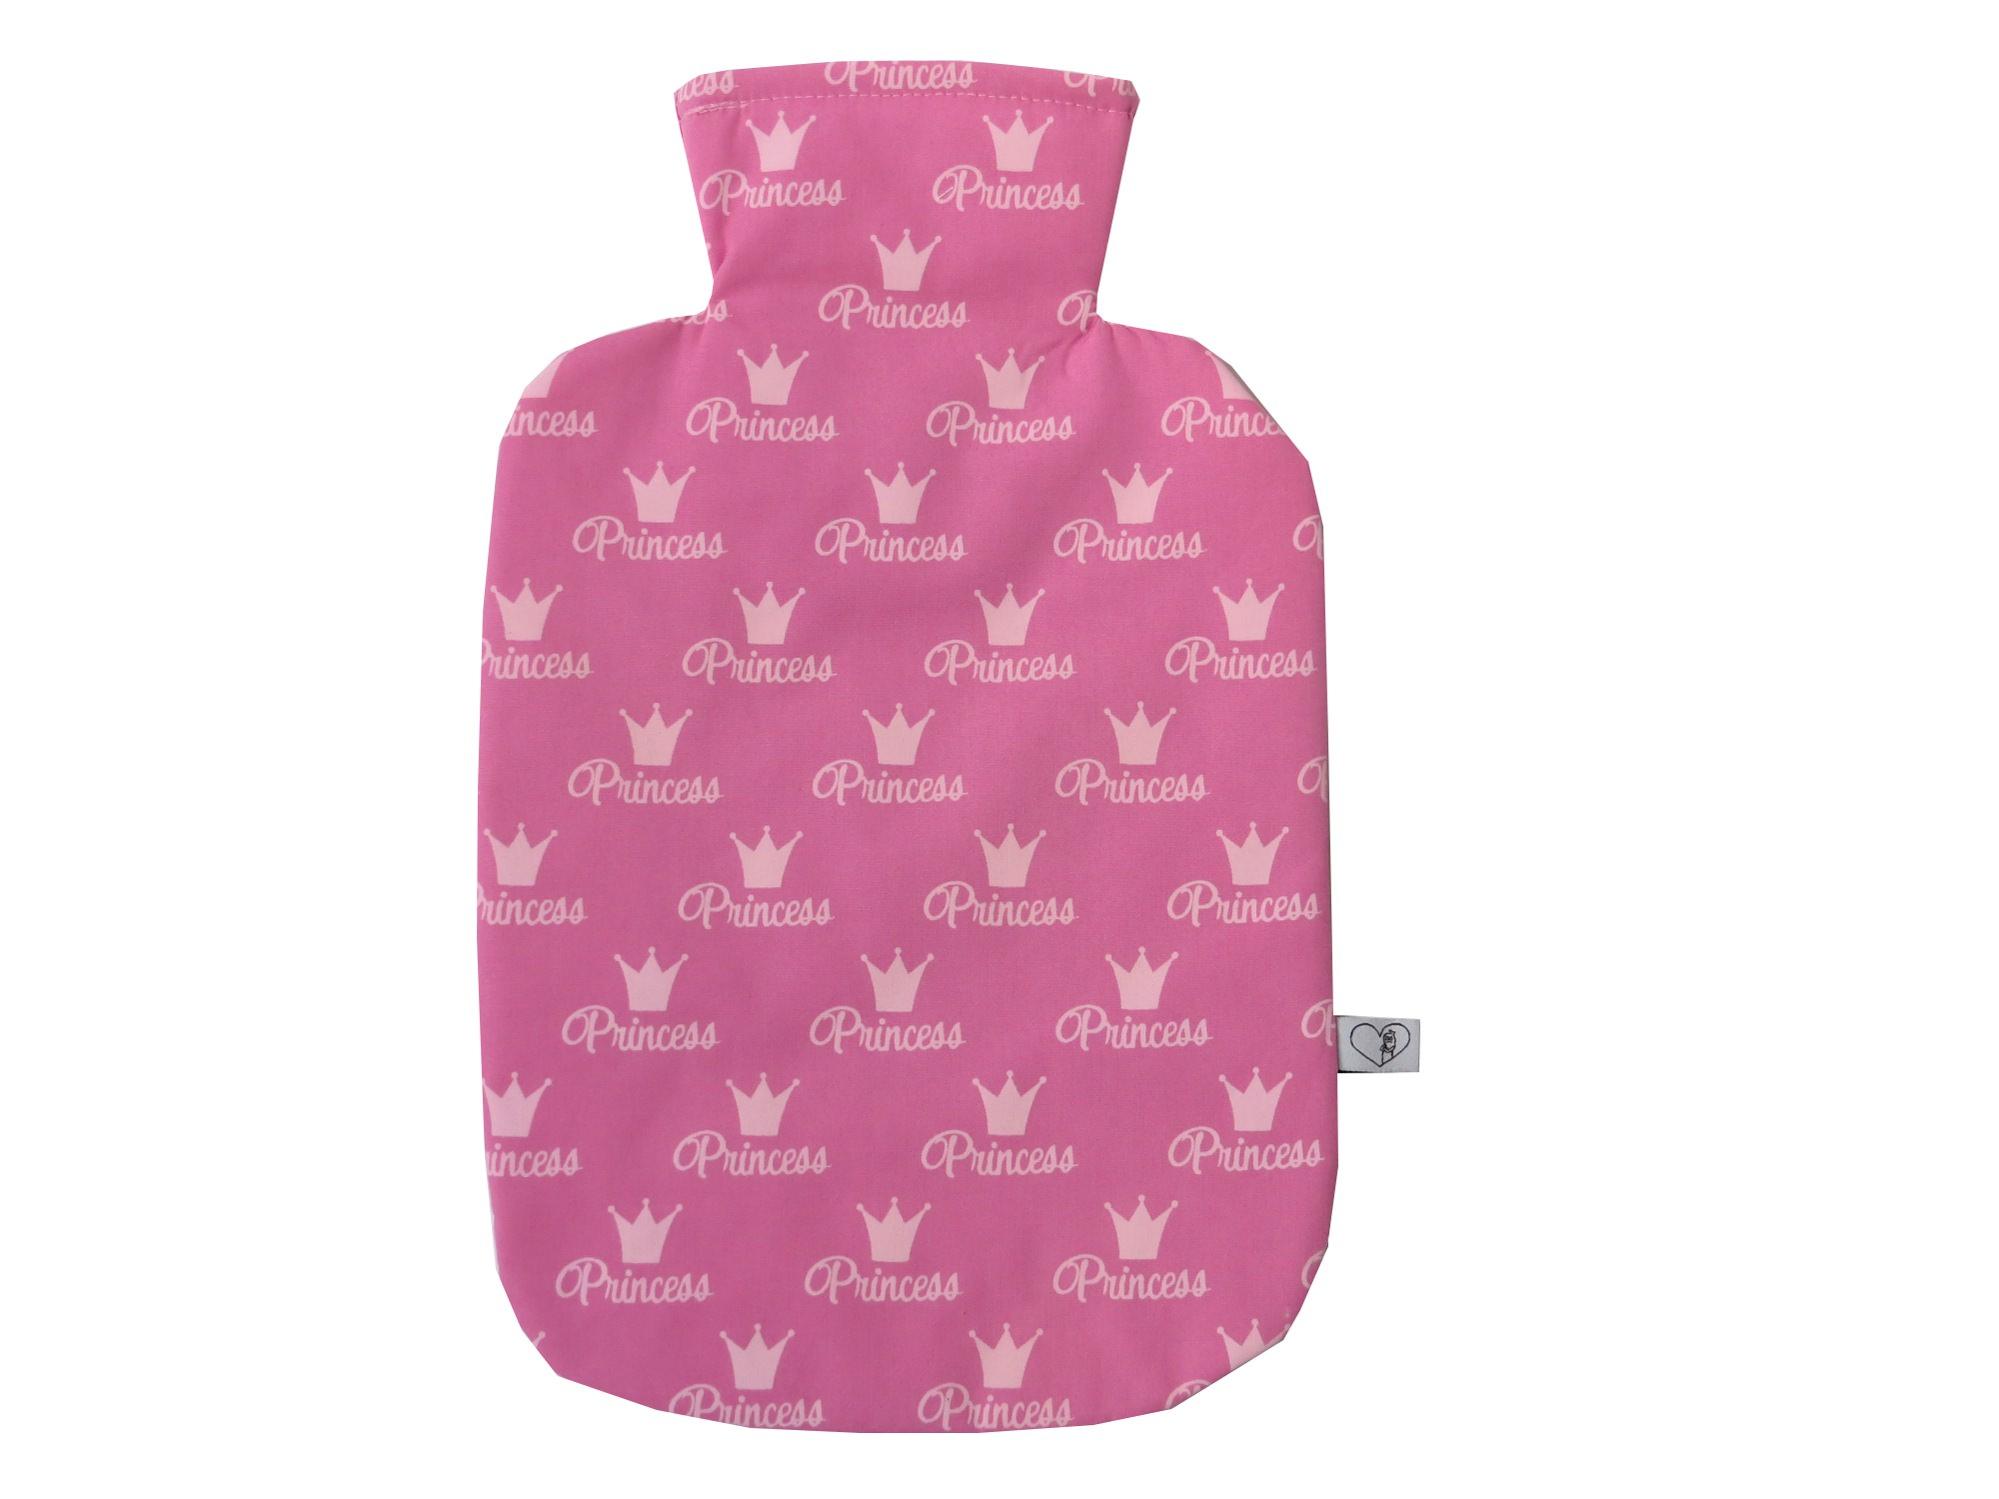 - Wärmflaschenbezug Princess in pink für 2l Wärmflasche - Wärmflaschenbezug Princess in pink für 2l Wärmflasche